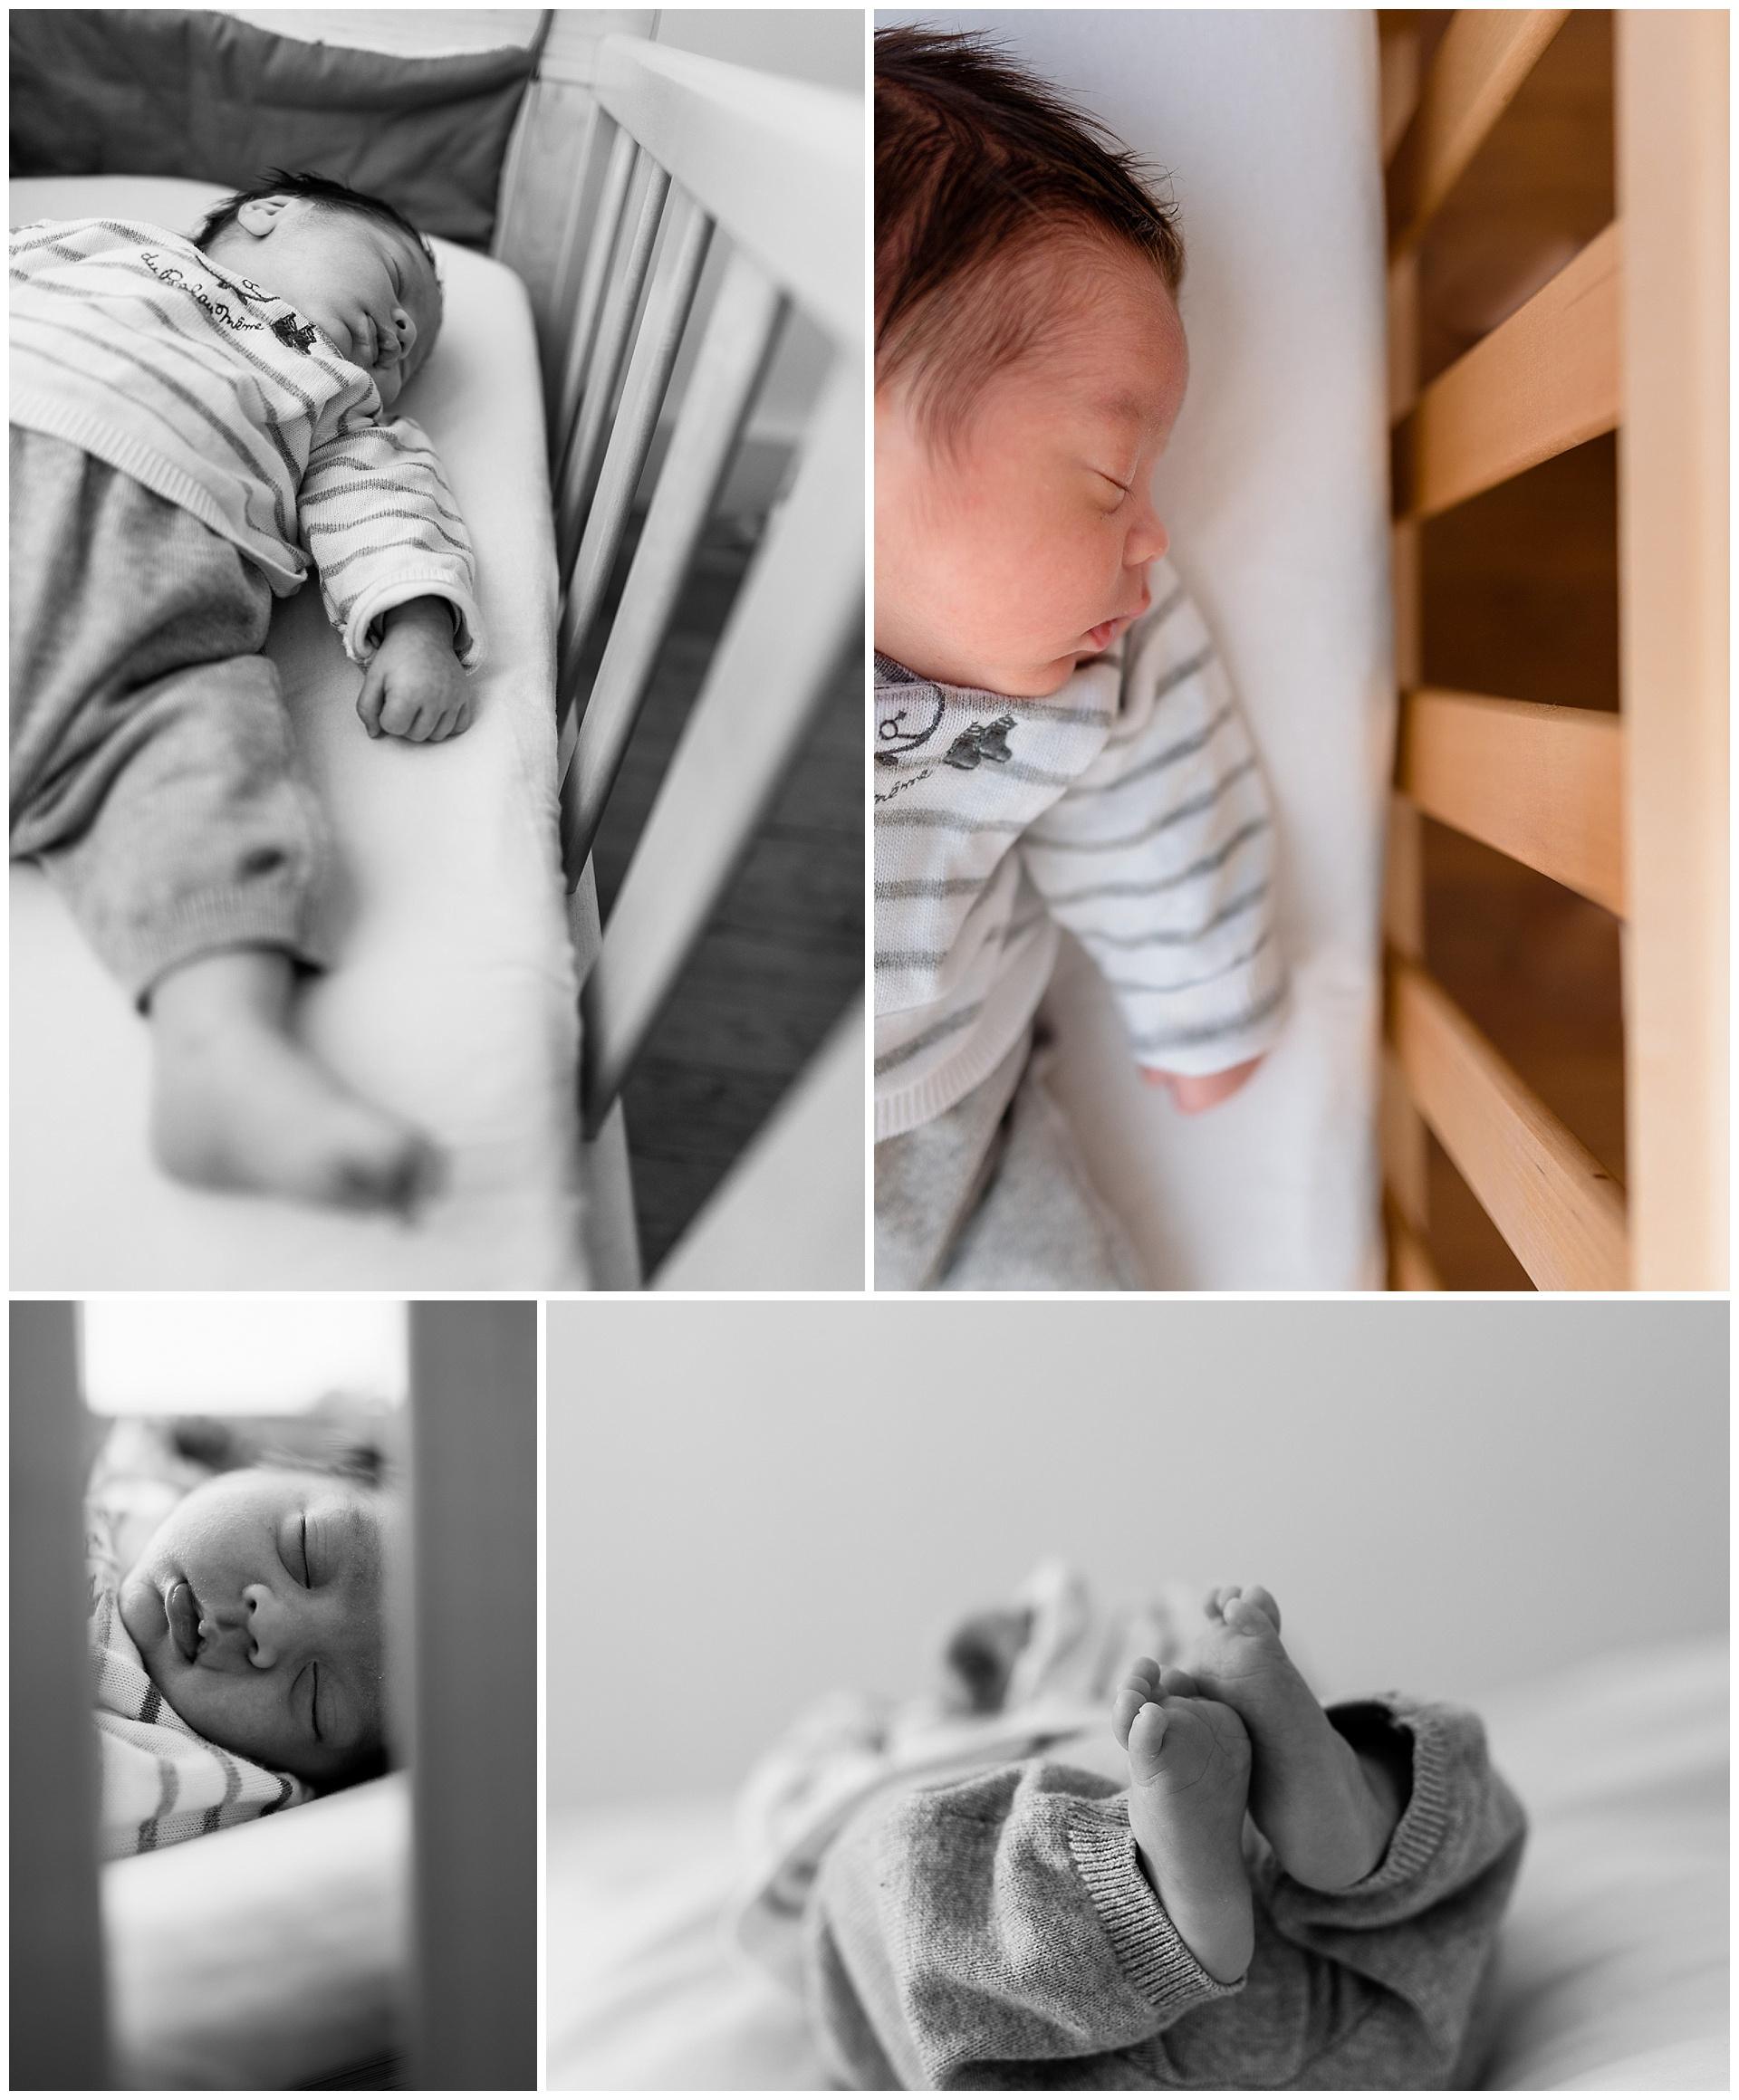 Séance photo domicile naissance nouveau-né bébé hauts-de-seine Boulogne-Billancourt